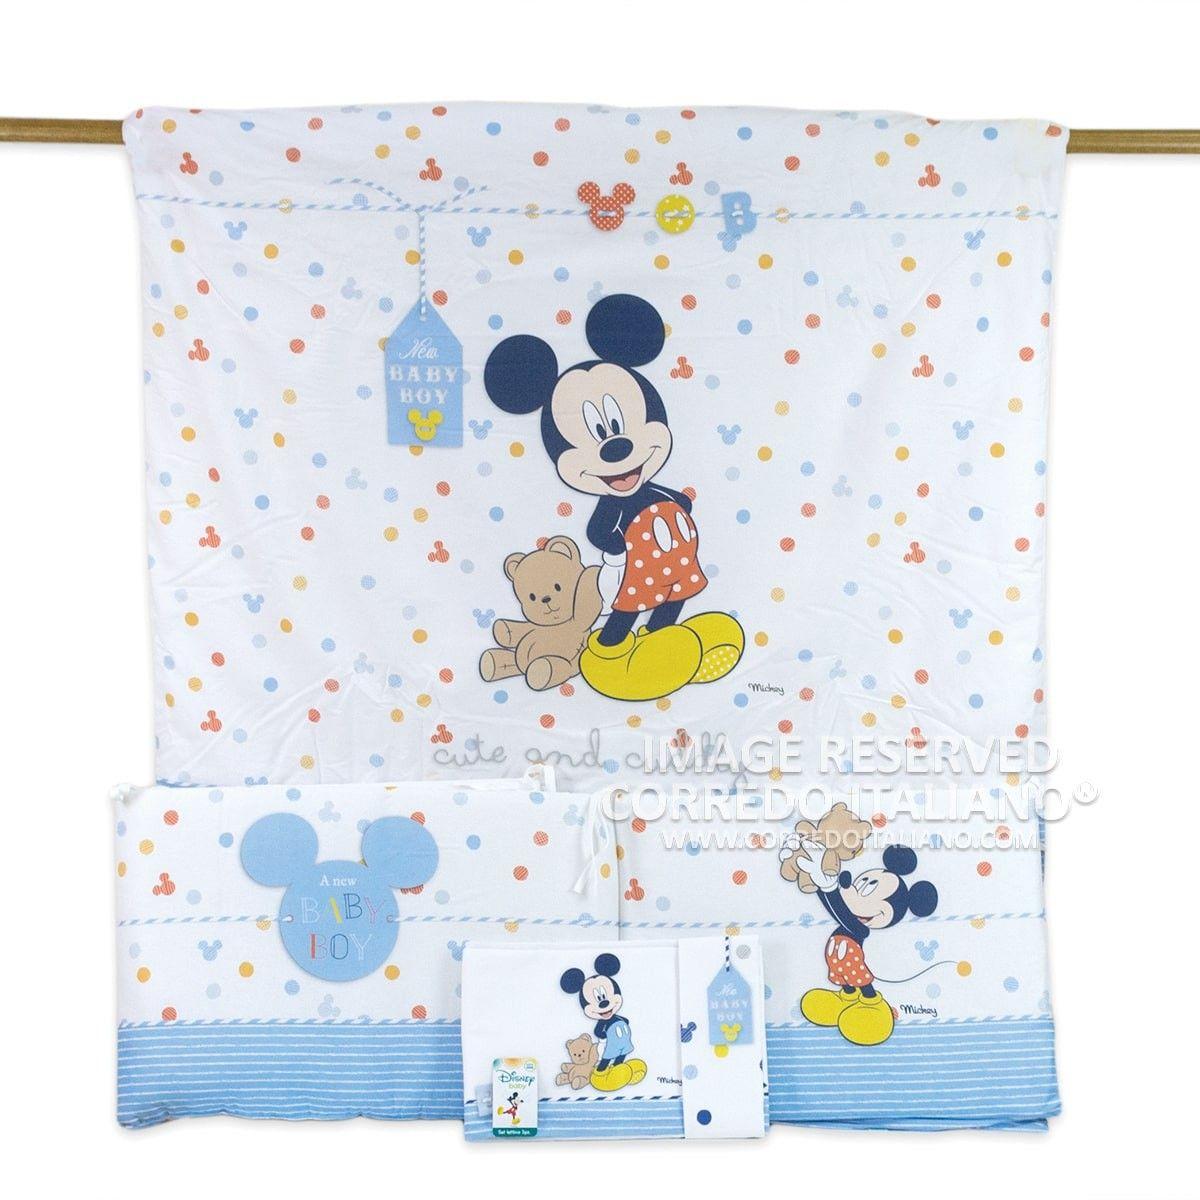 Coordinato Copripiumino 4 Pezzi Della Collezione Disney Baby Dedicato Al Fantastico Topolino Topolino Disney Copripiumino